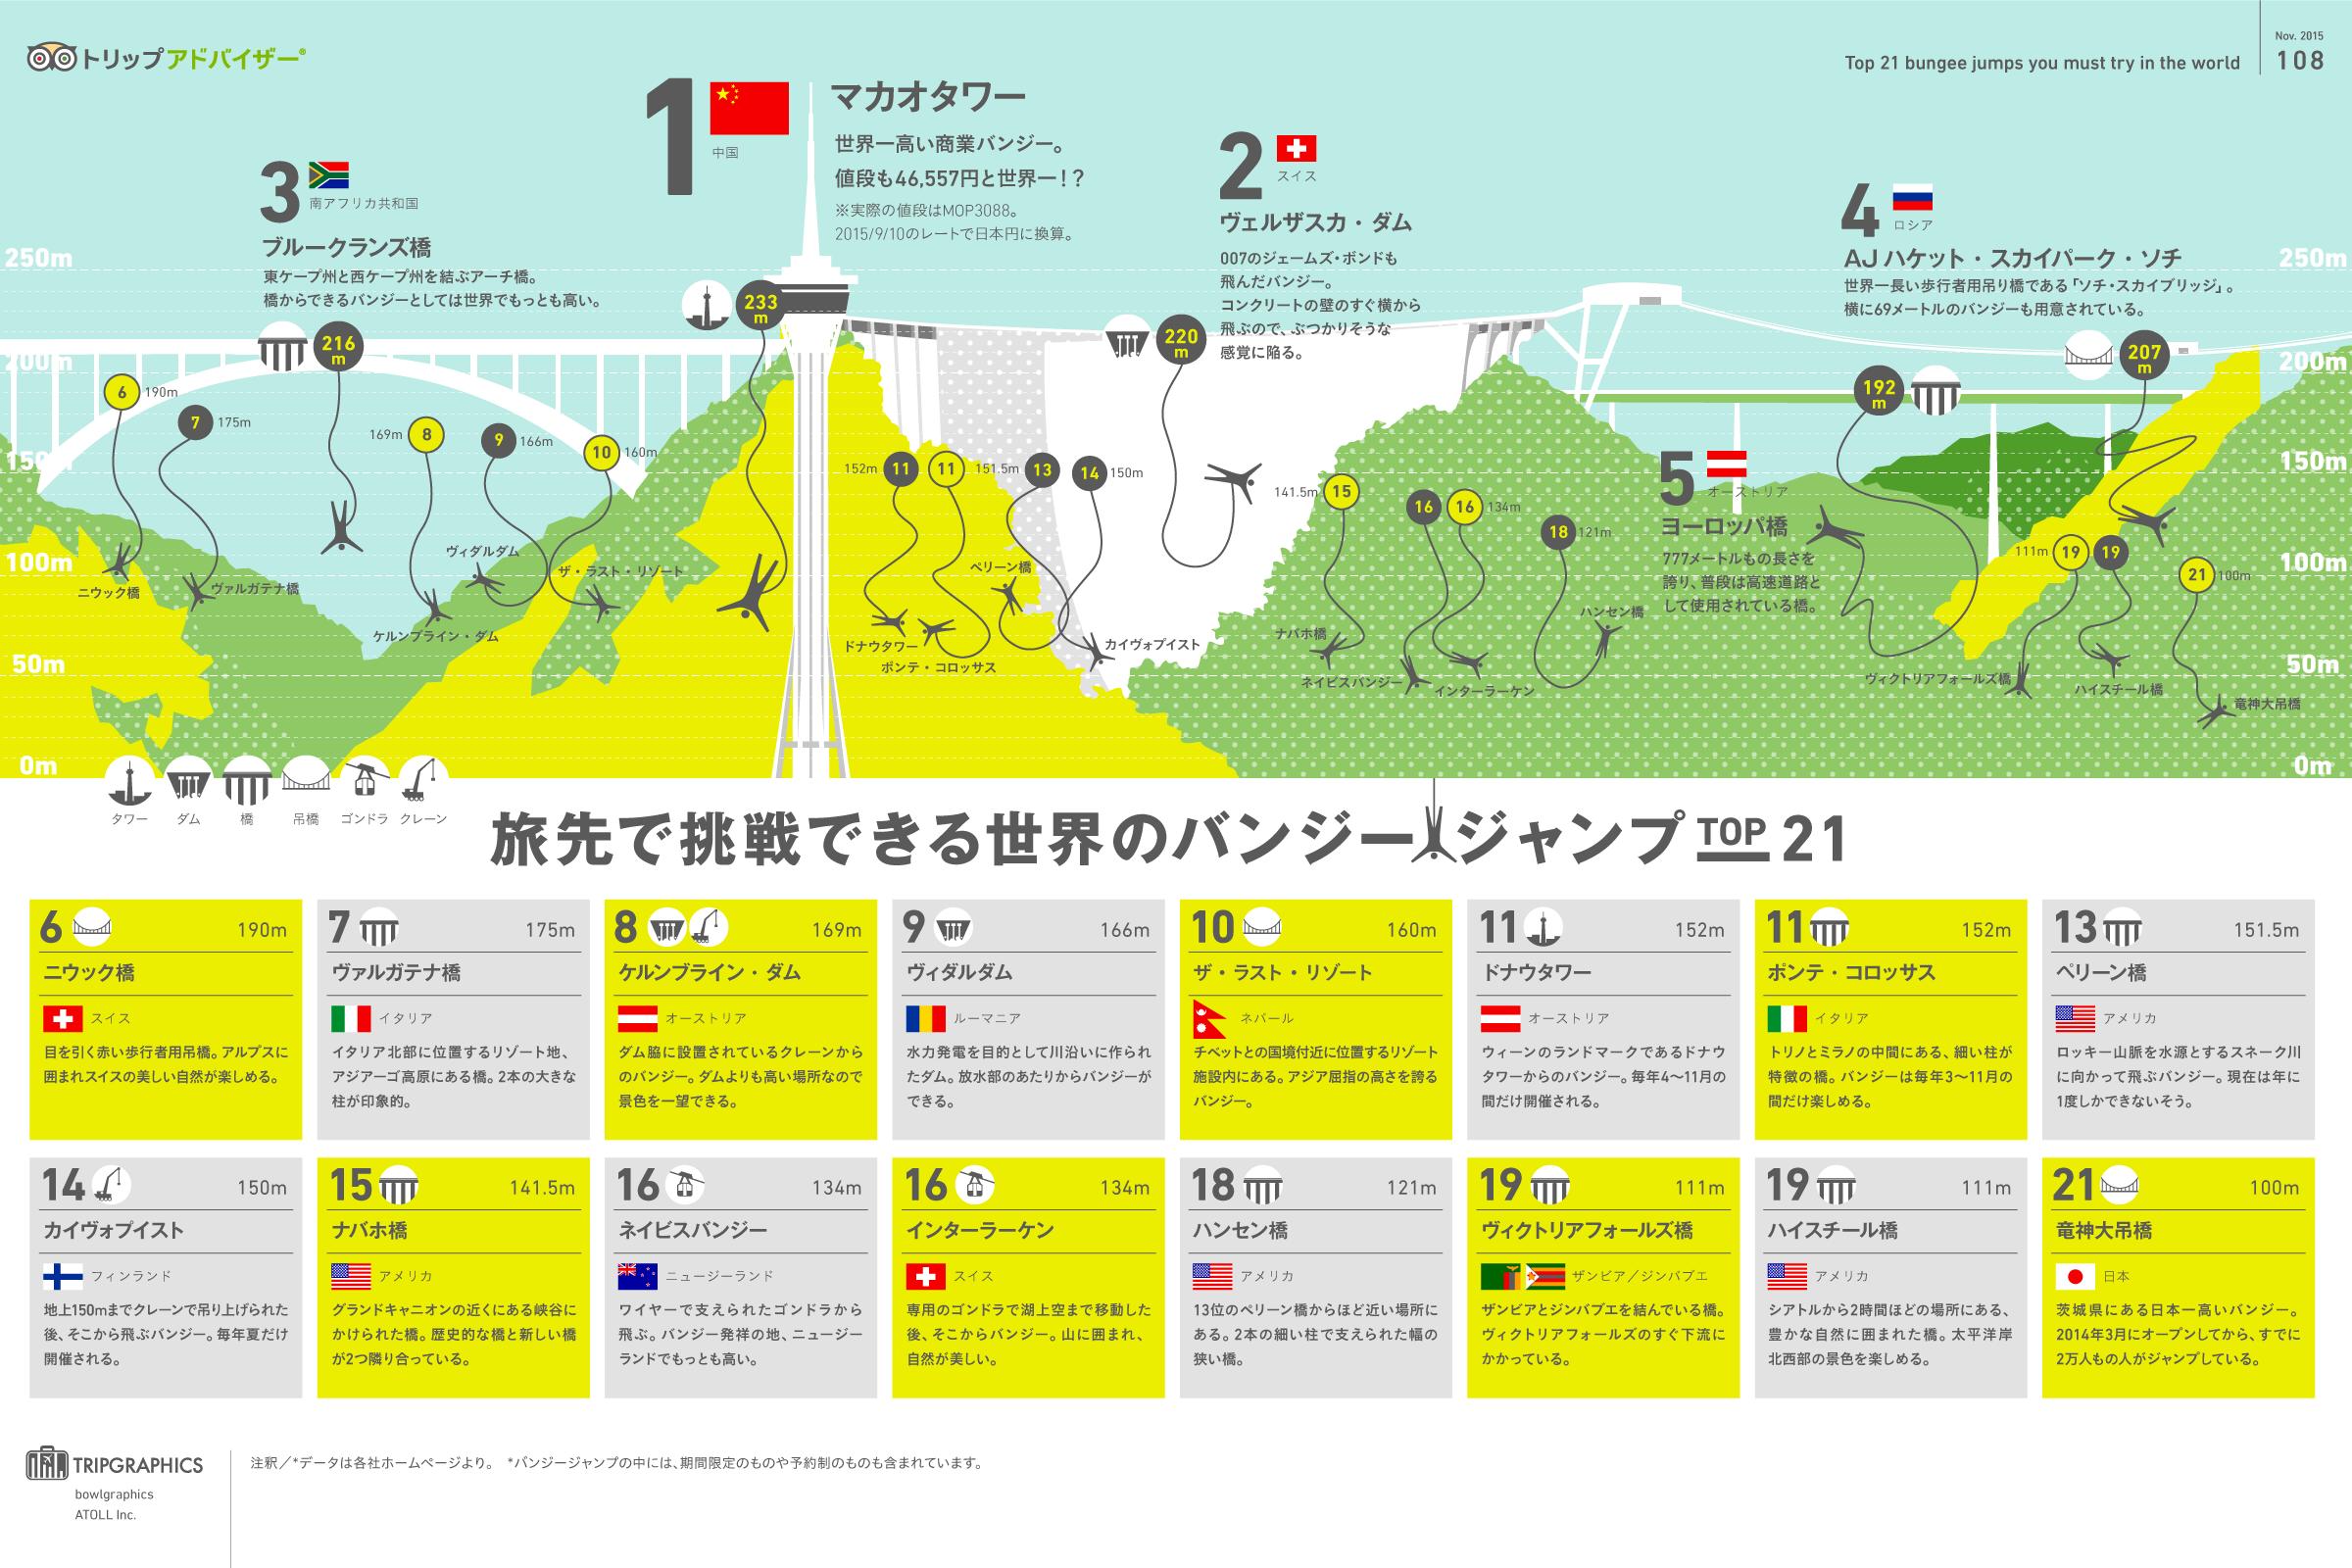 インフォグラフィック:バンジージャンプ世界一の高さは233m。日本一の竜神大吊橋は100m